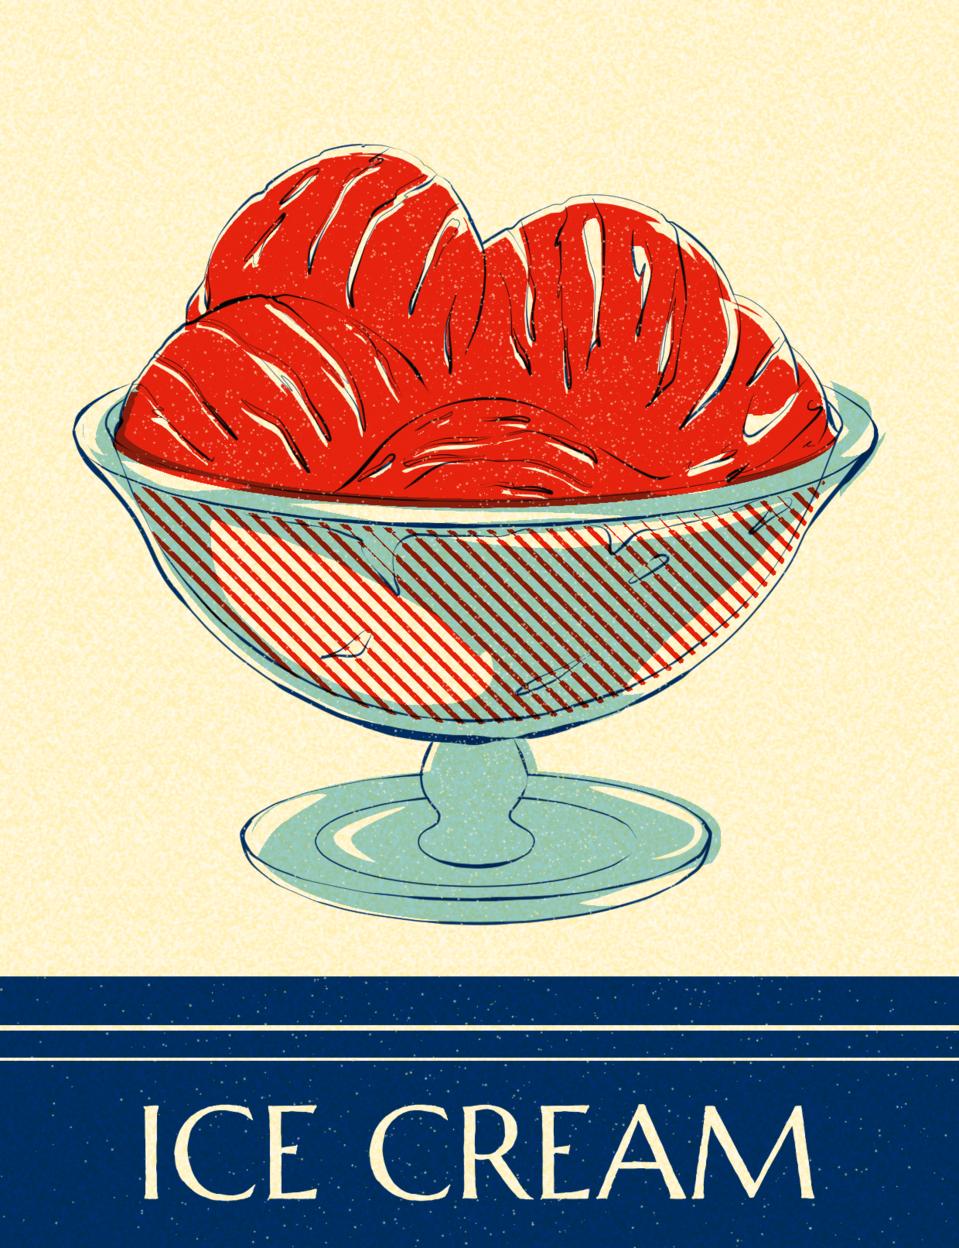 Newsprint Ice Cream Illust of Apey.art October2020_Contest:Food food